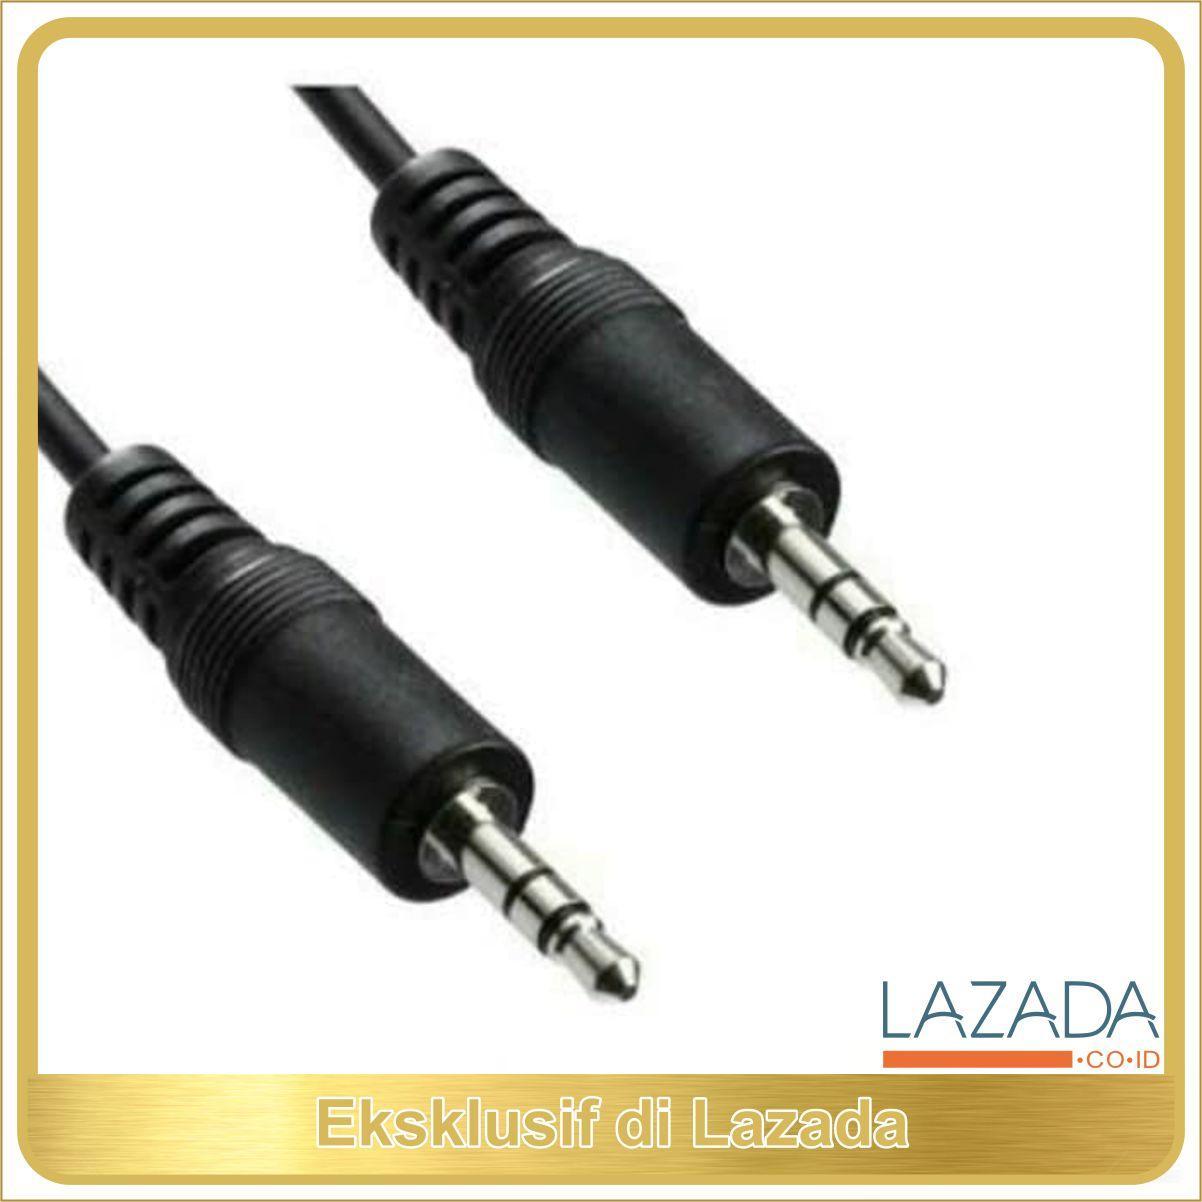 KABEL AUDIO HP KE TAPE MOBIL SPEAKER AUX JACK 3.5MM 35 IPHONE MURAH TERLARIS DI LAZADA